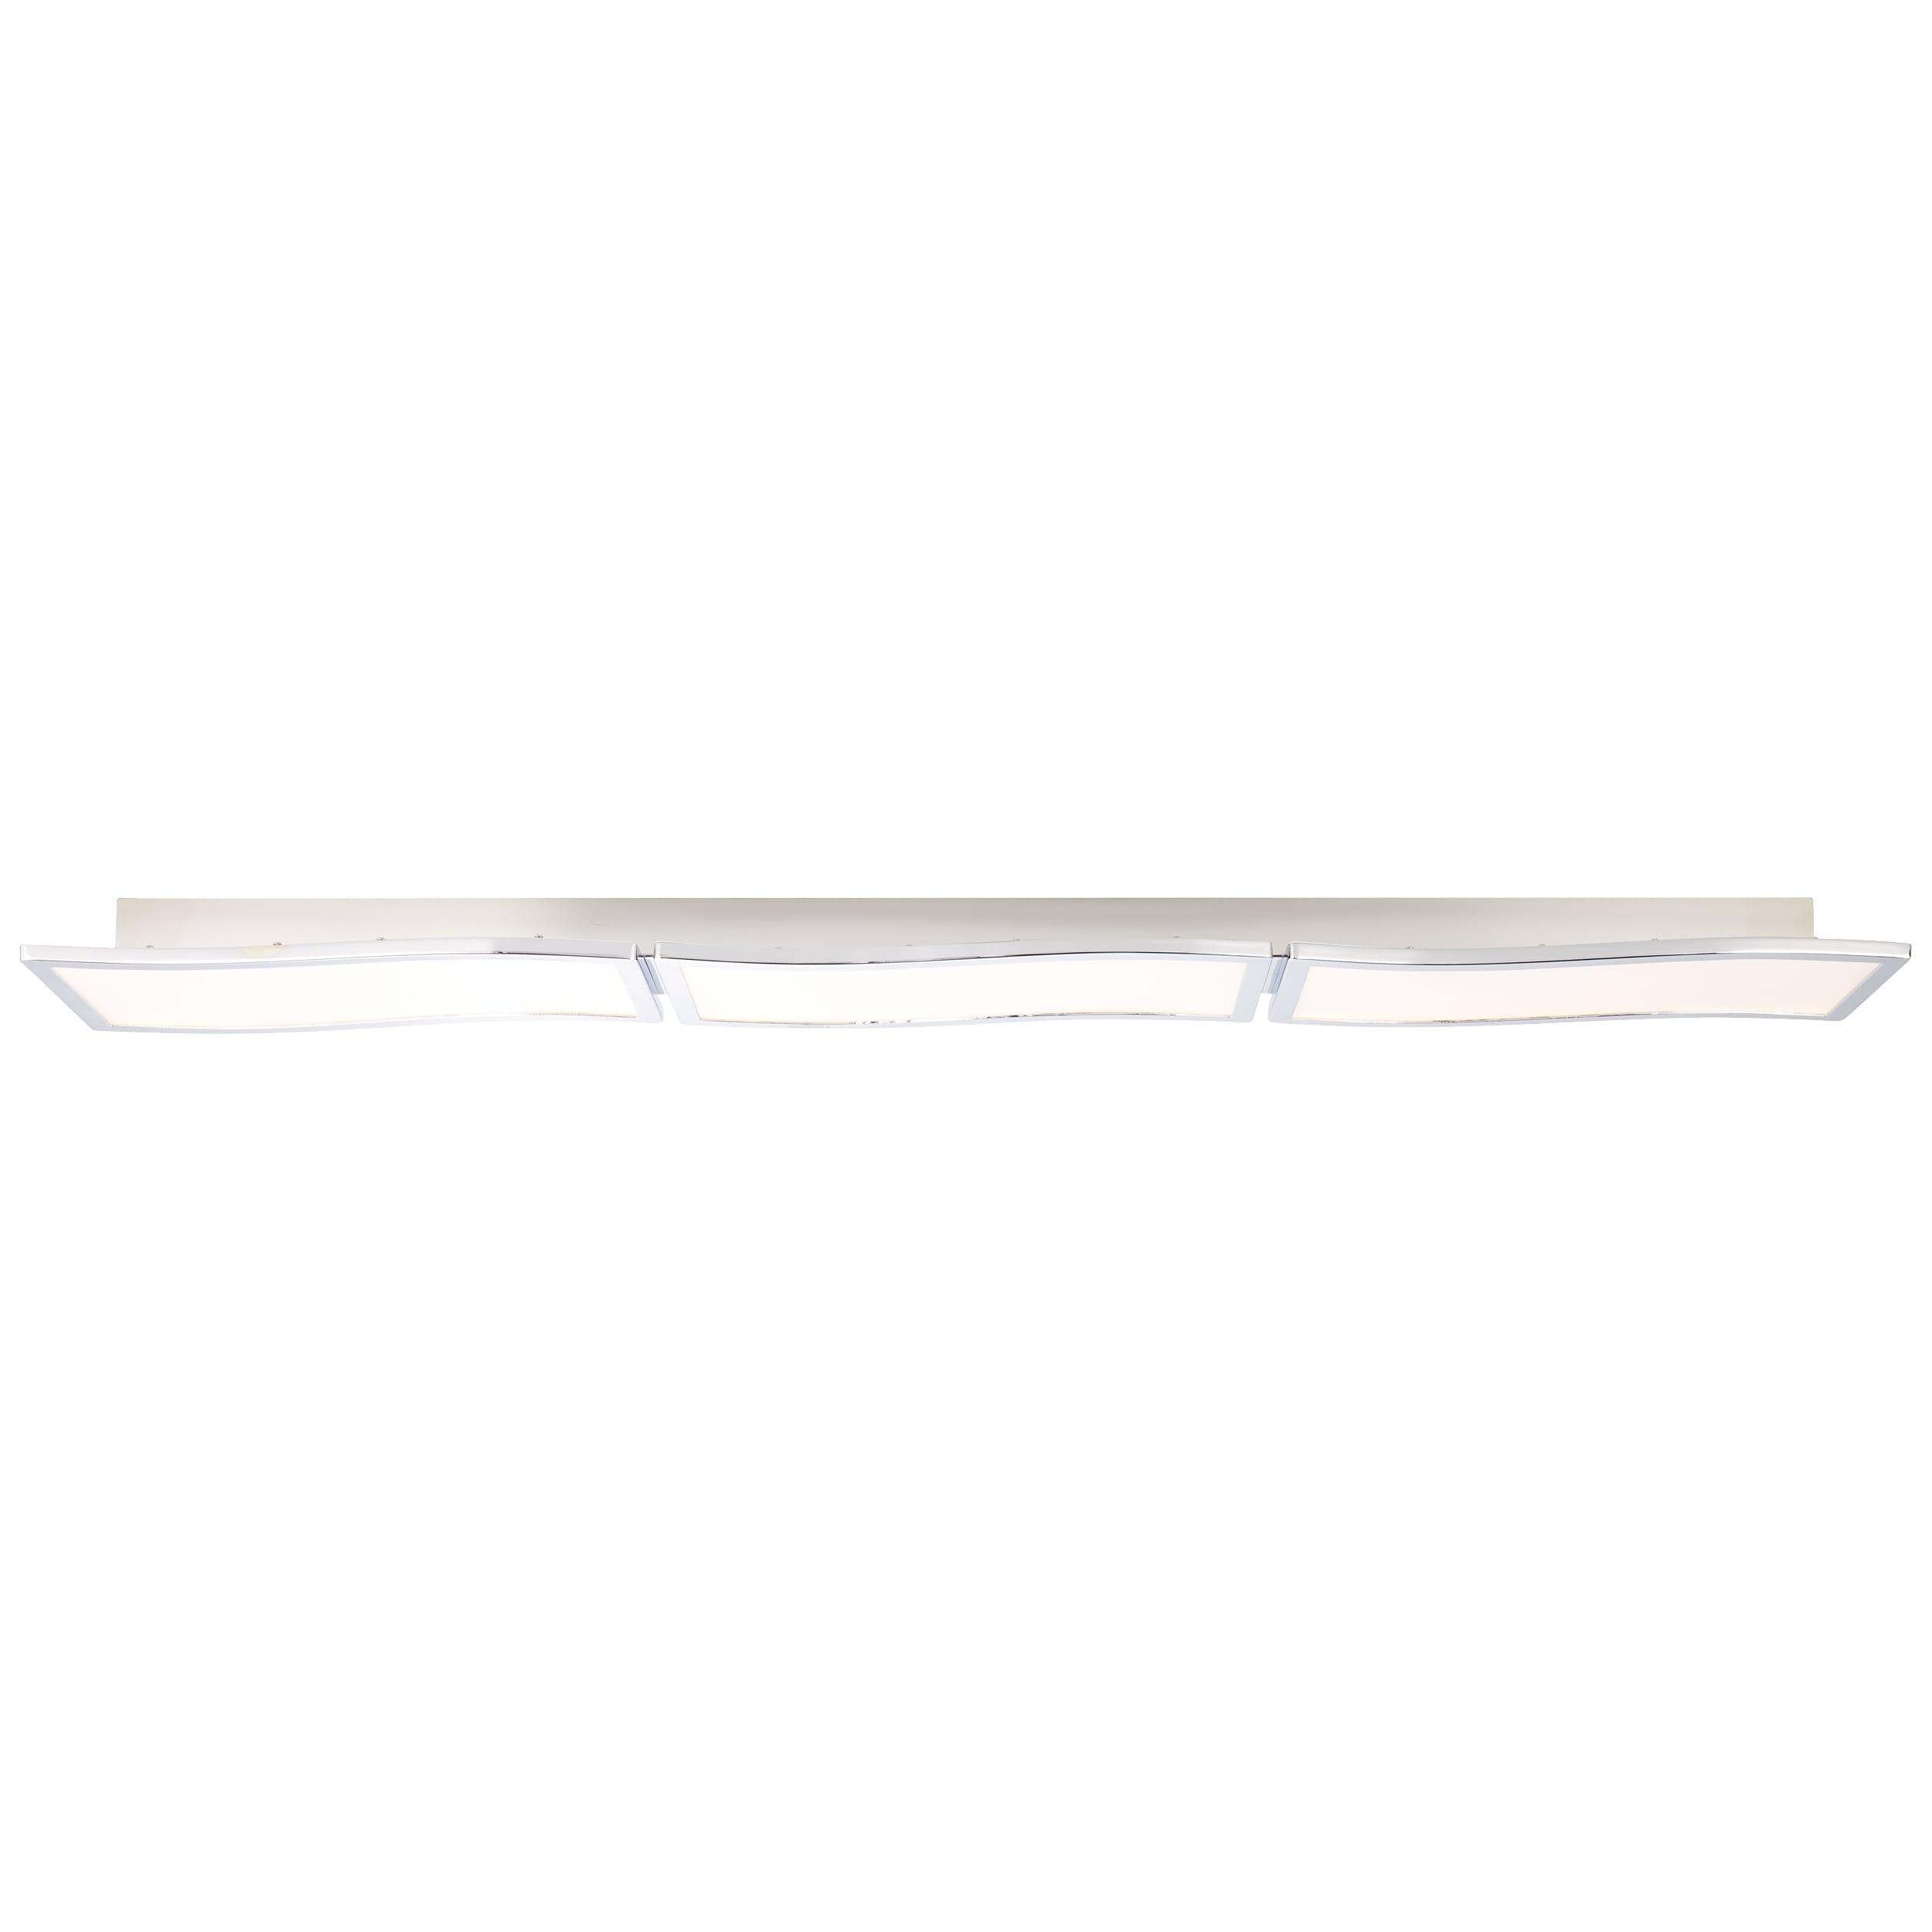 Brilliant Leuchten Scope LED Deckenaufbau-Paneel 122x18cm chrom/weiß easyDim